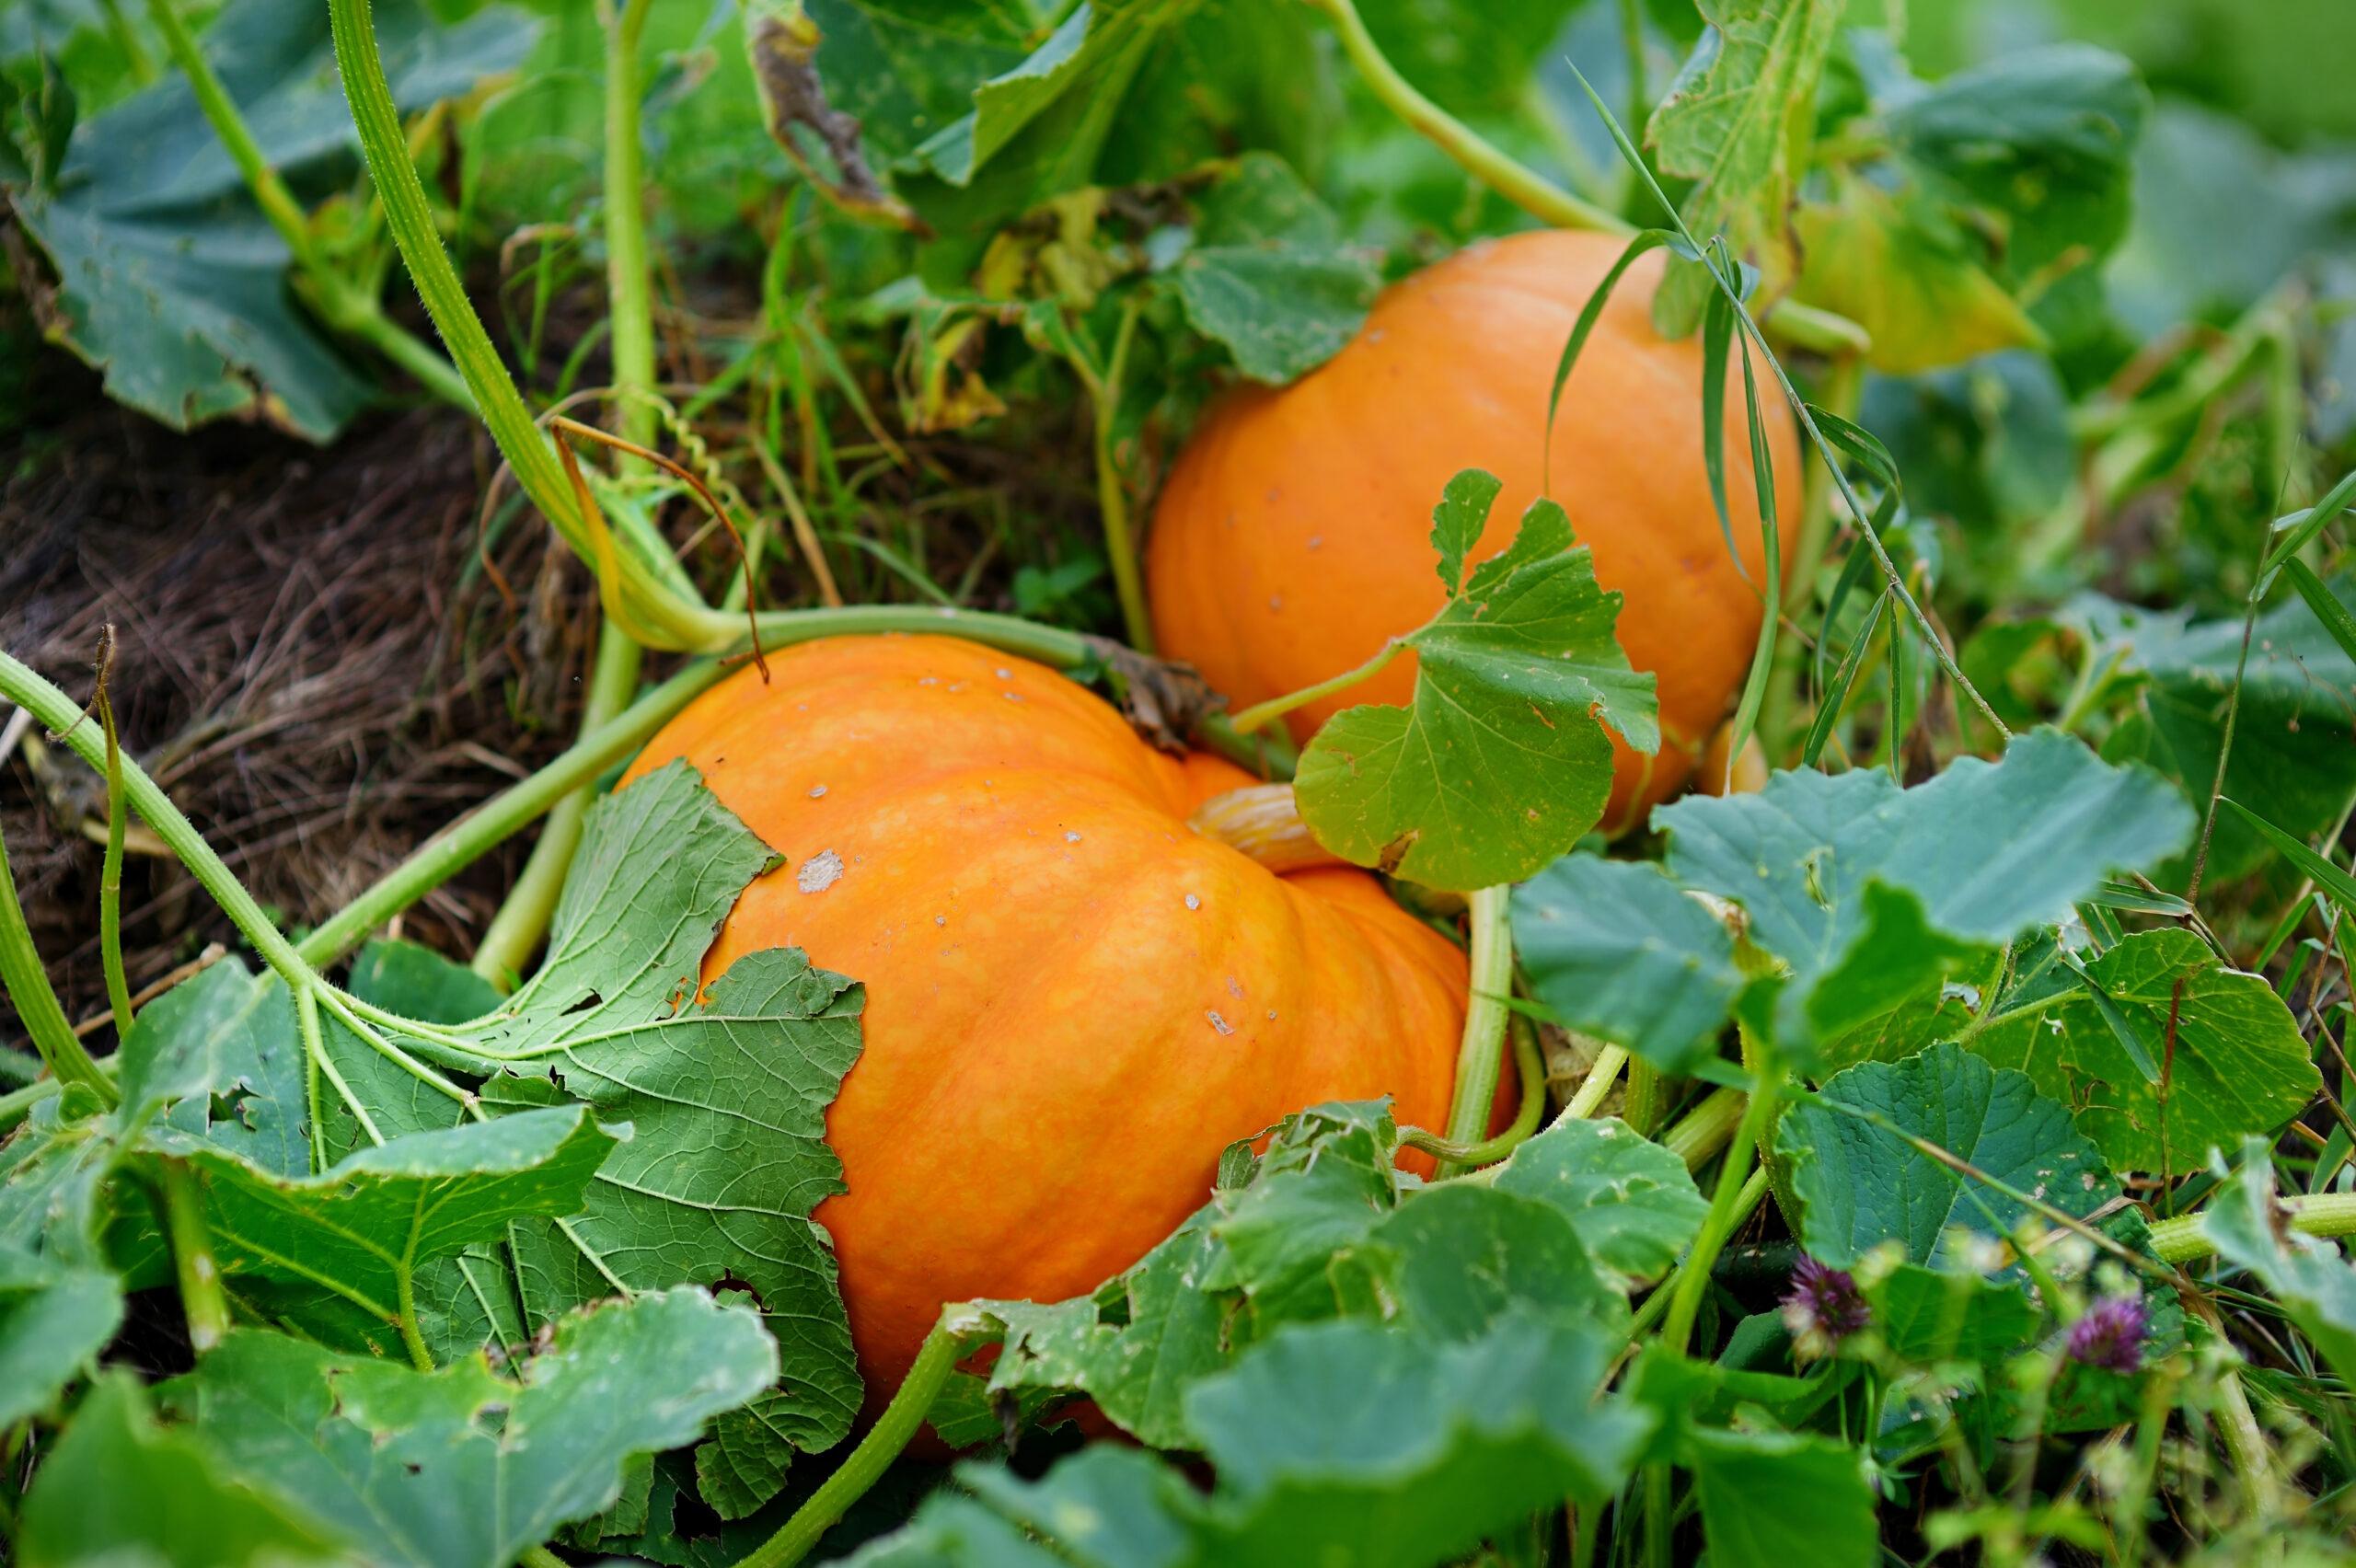 Big orange pumpkins growing in the garden